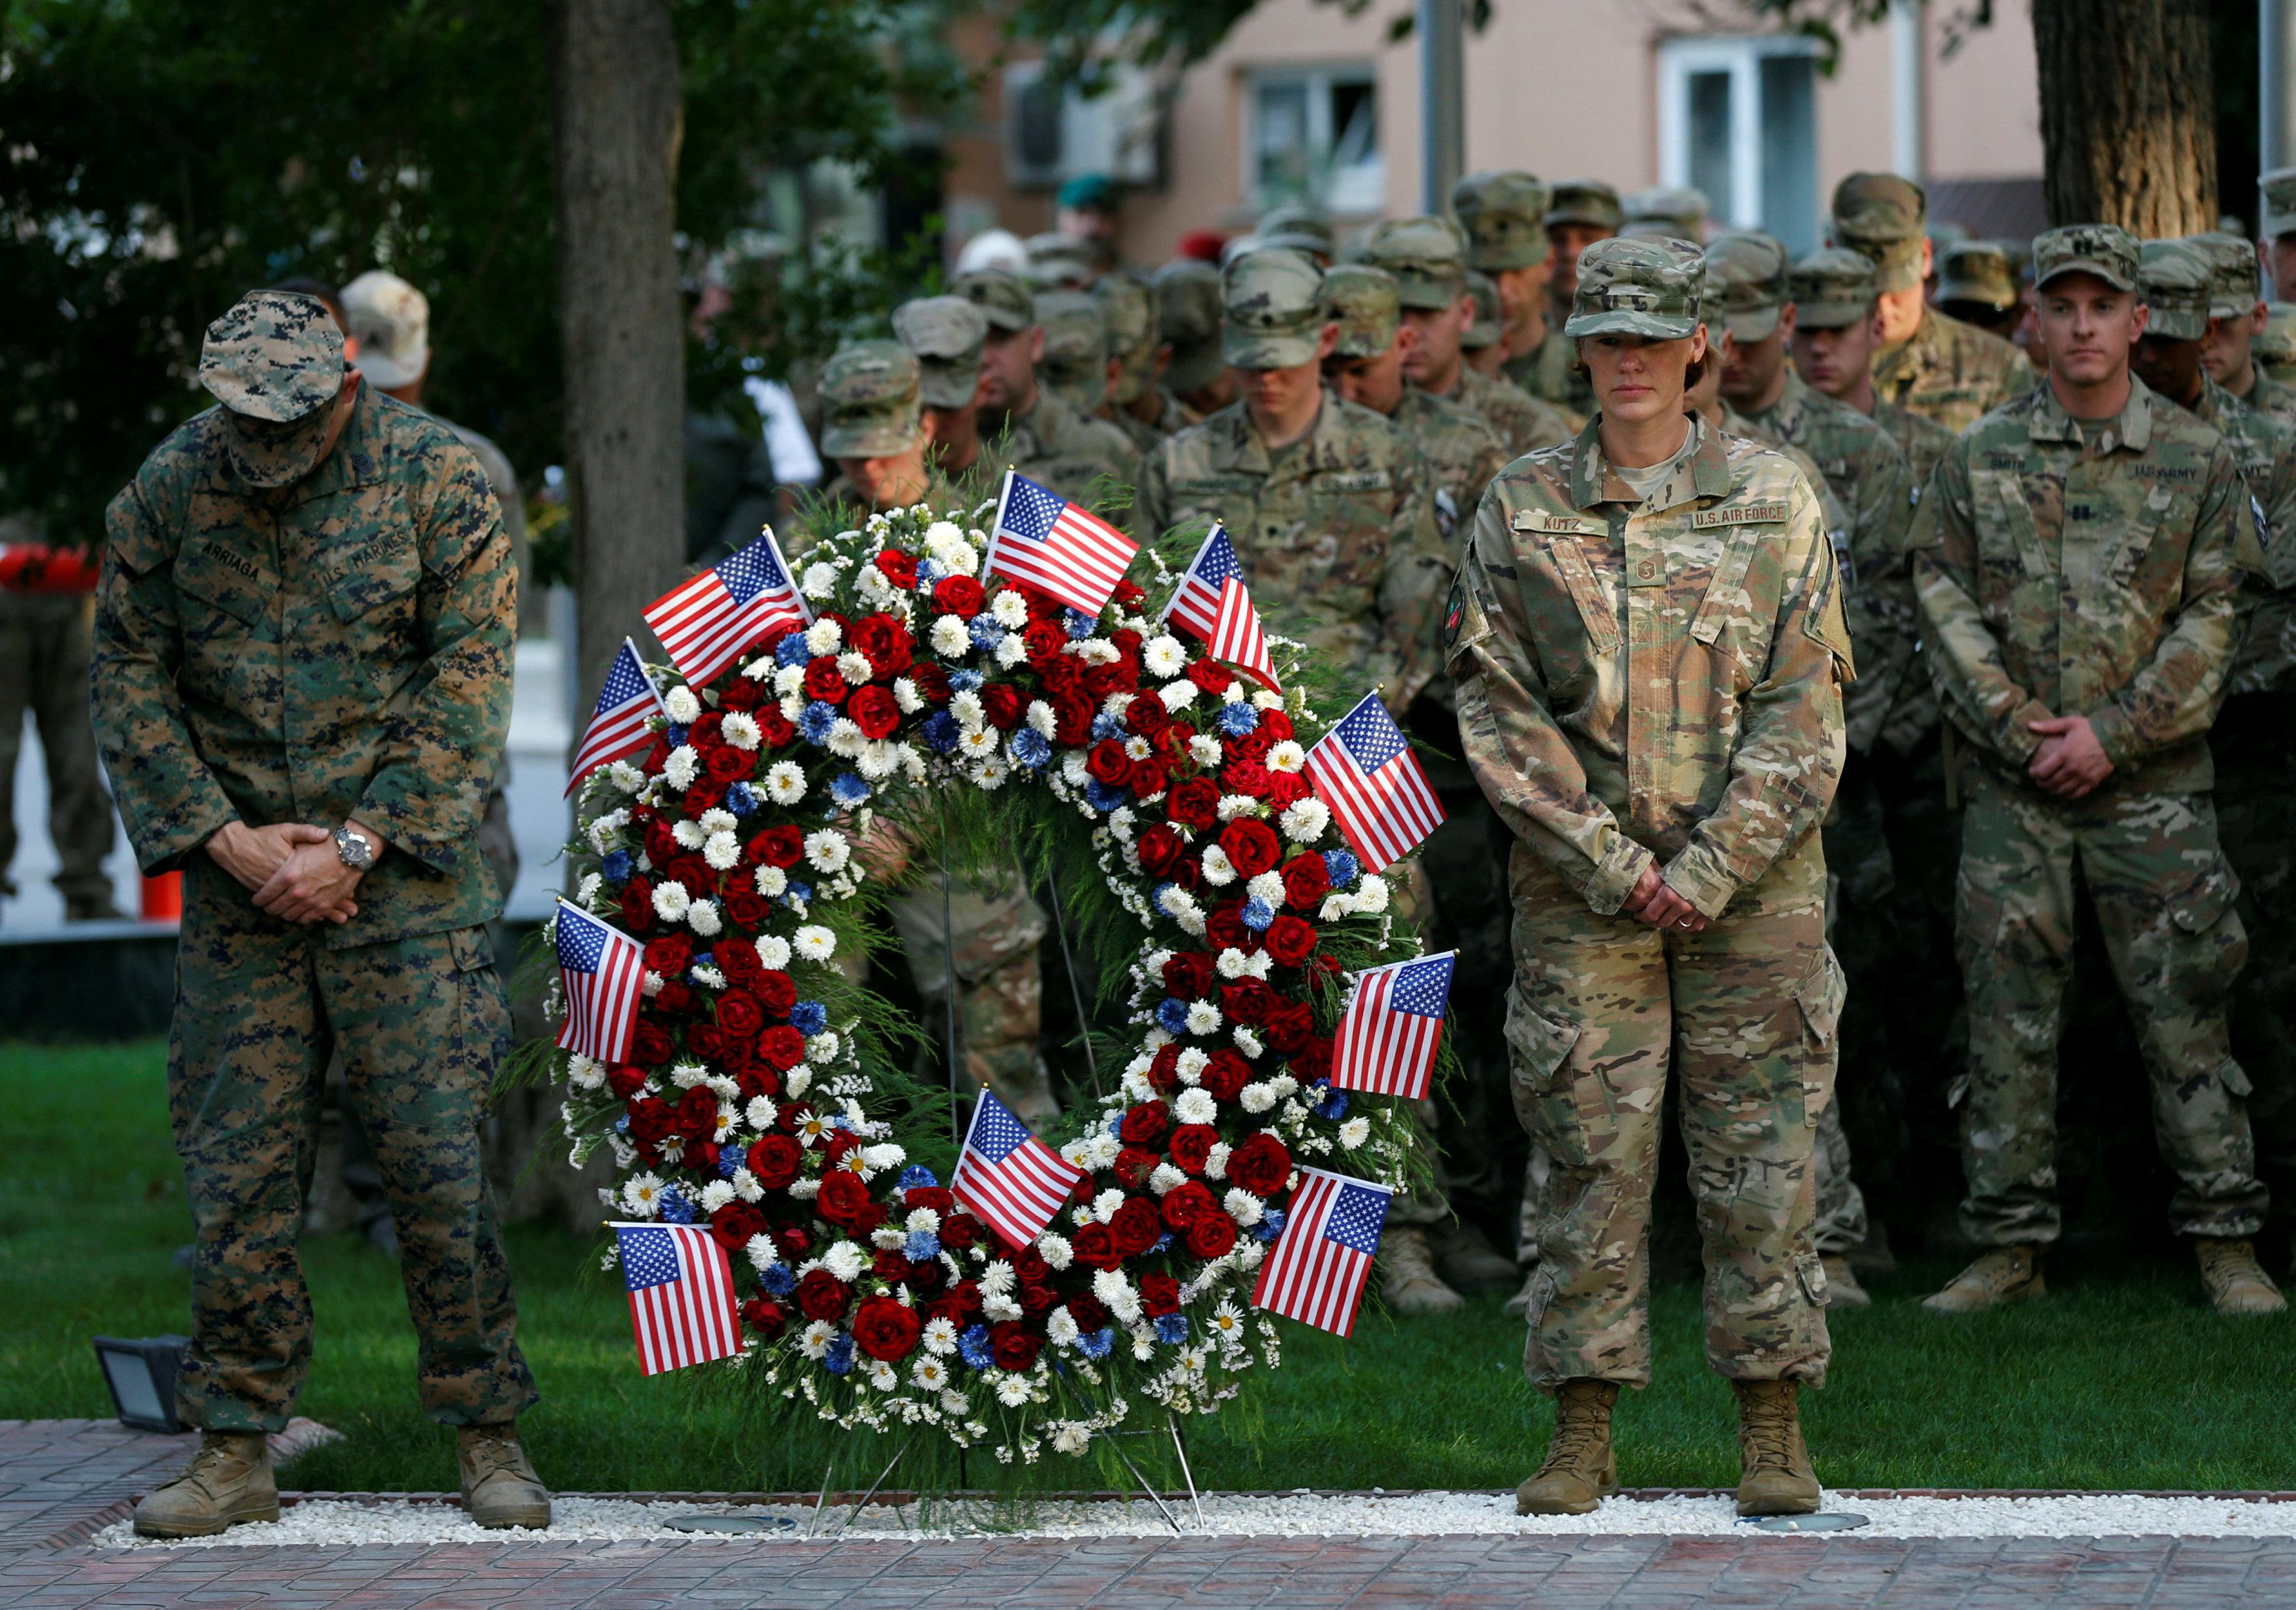 الجيش الأمريكى ووضع اكاليل الزهور